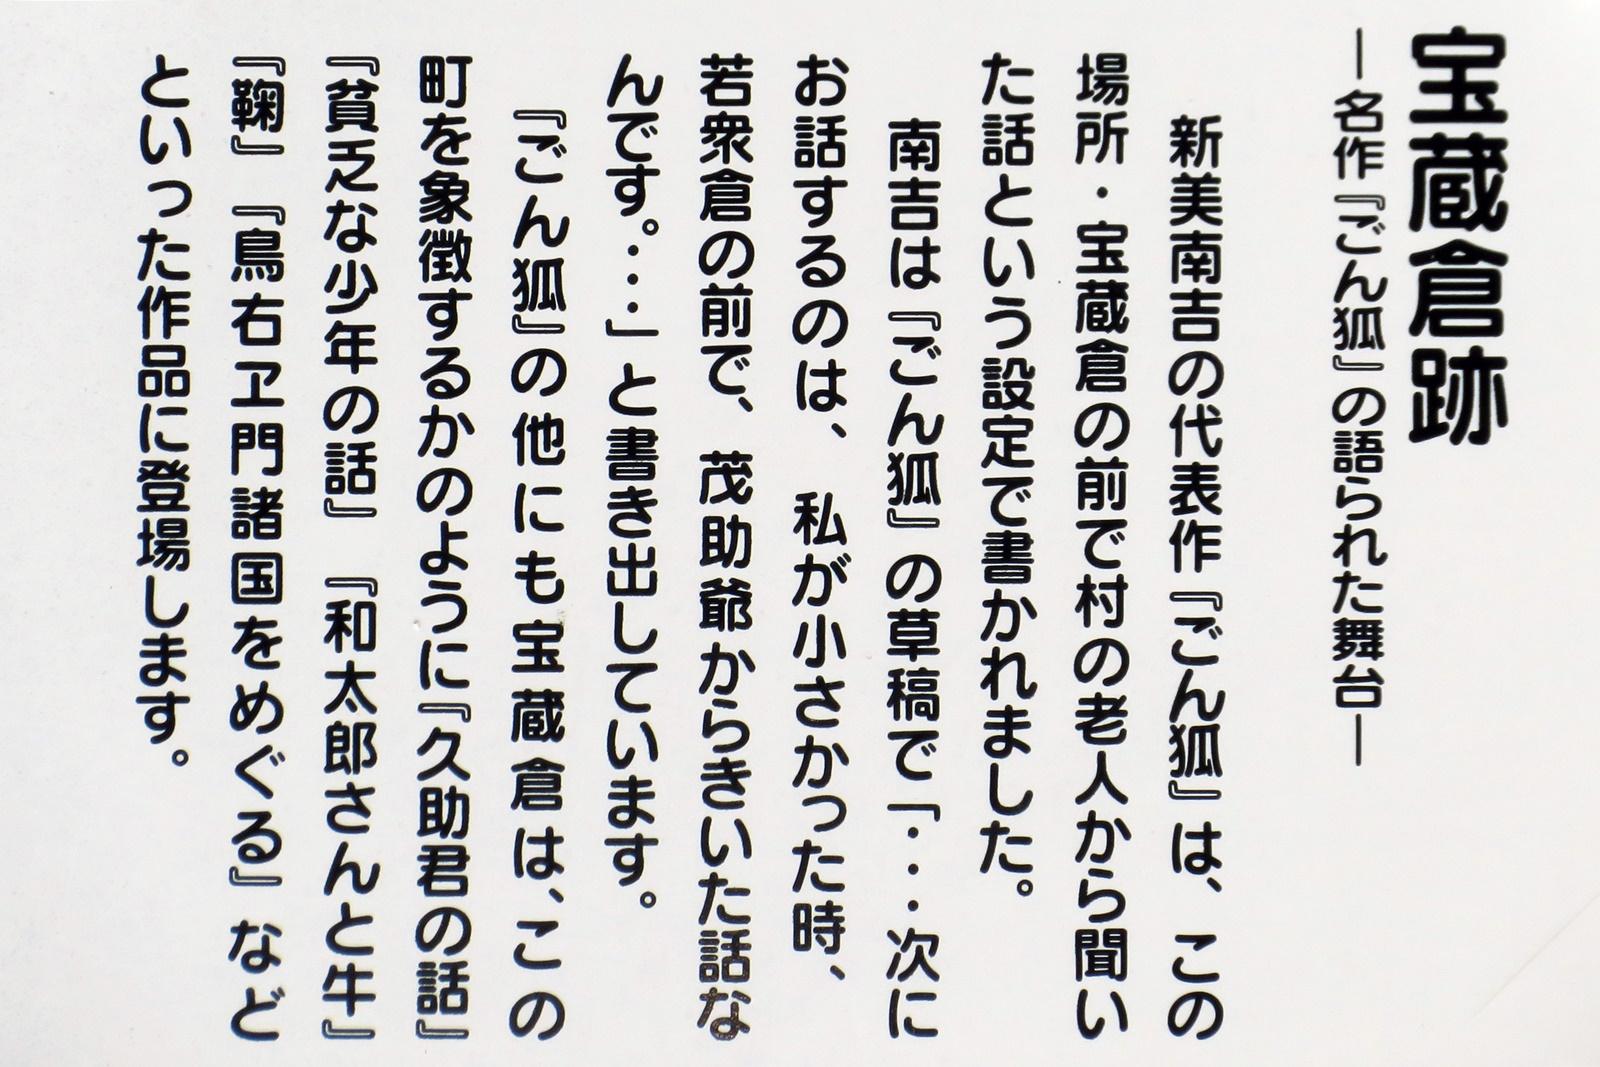 f:id:hiroro5:20160925110859j:plain